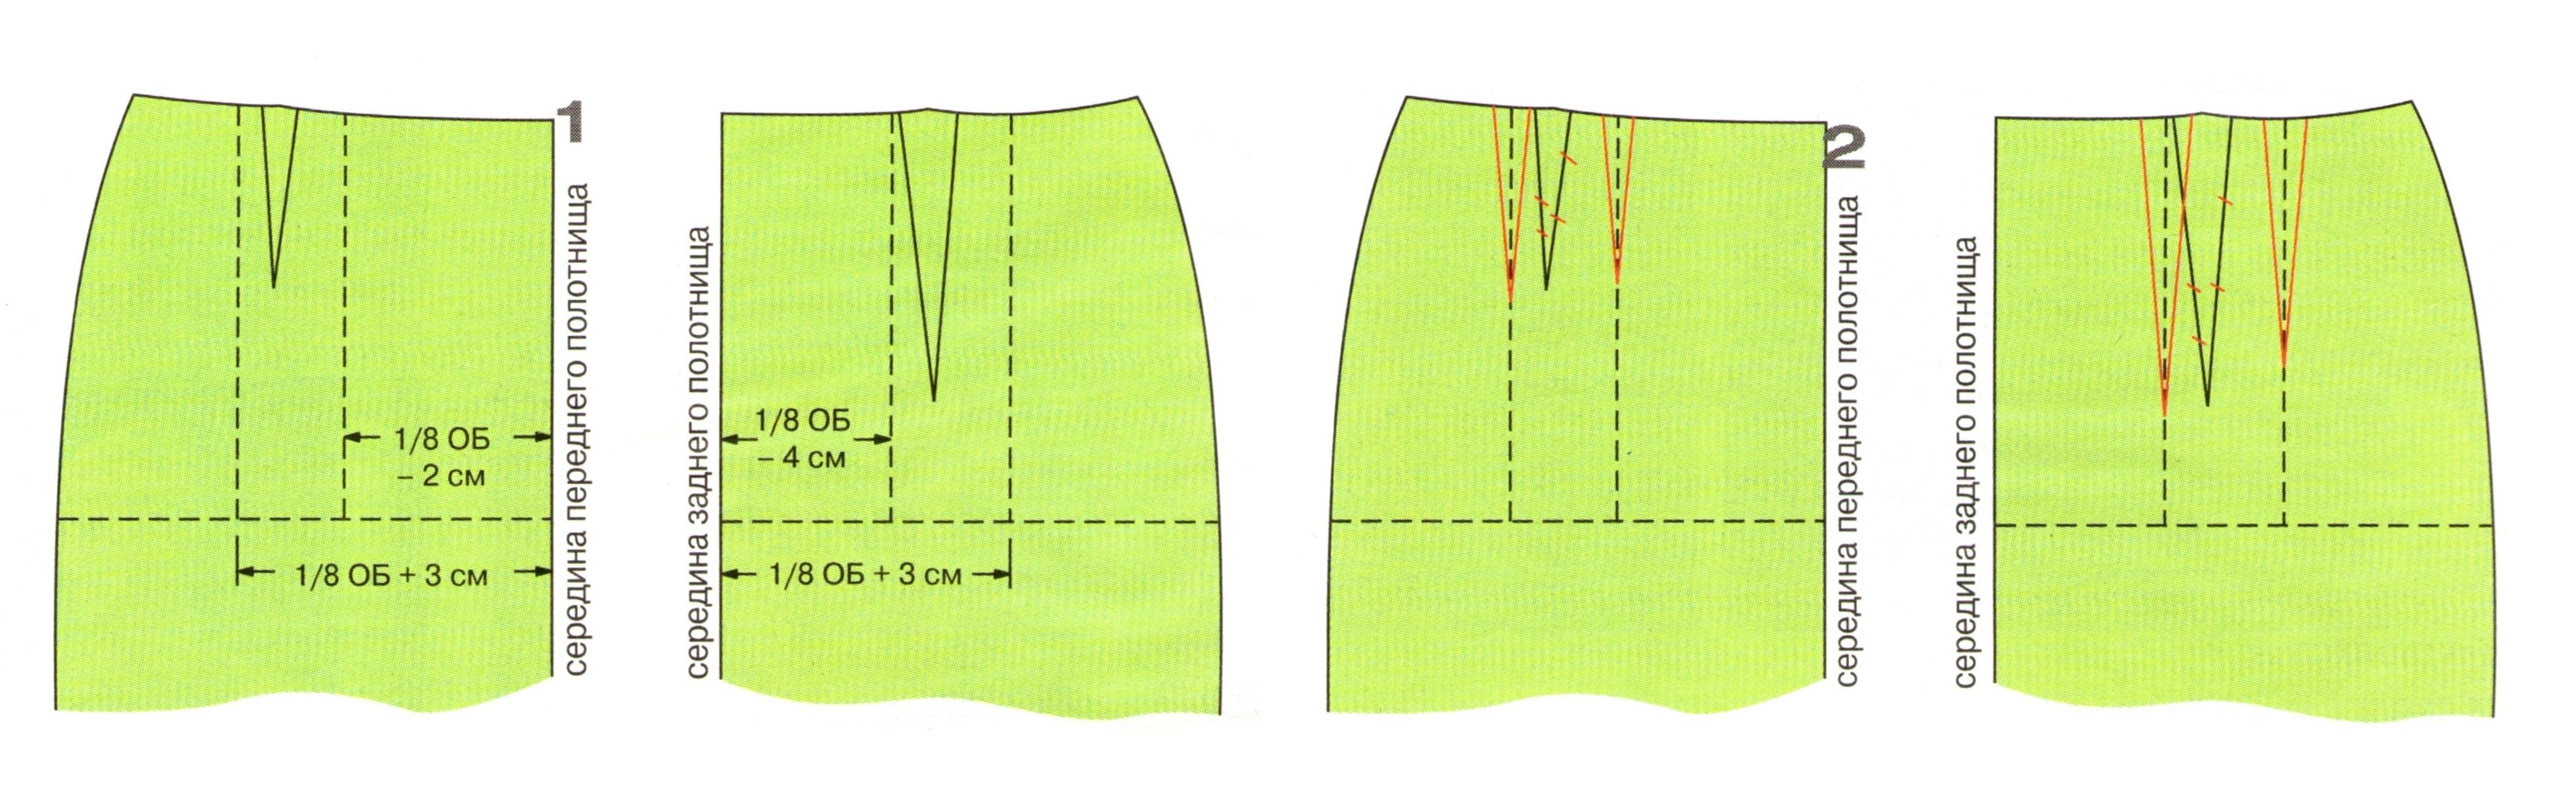 Юбки на широкие бедра выкройка